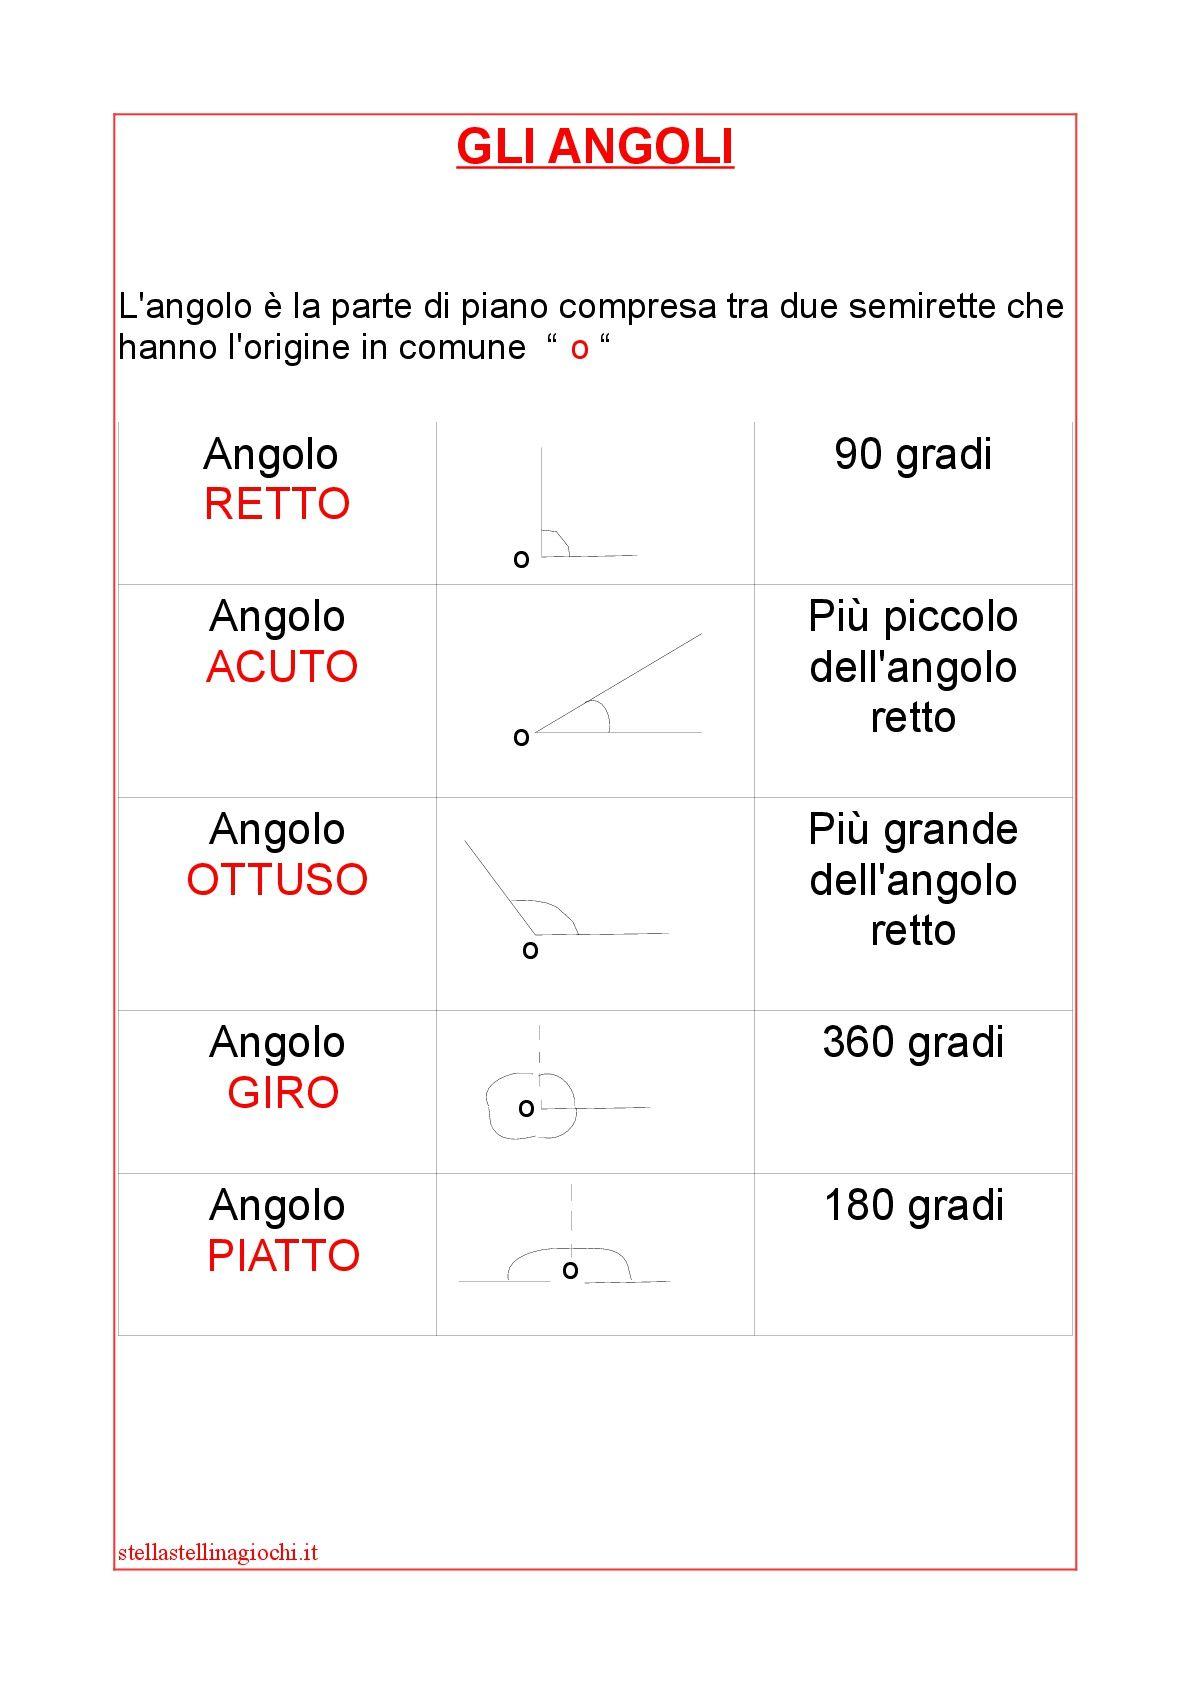 Schede didattiche di matematica. Gli angoli. Sul blog ...